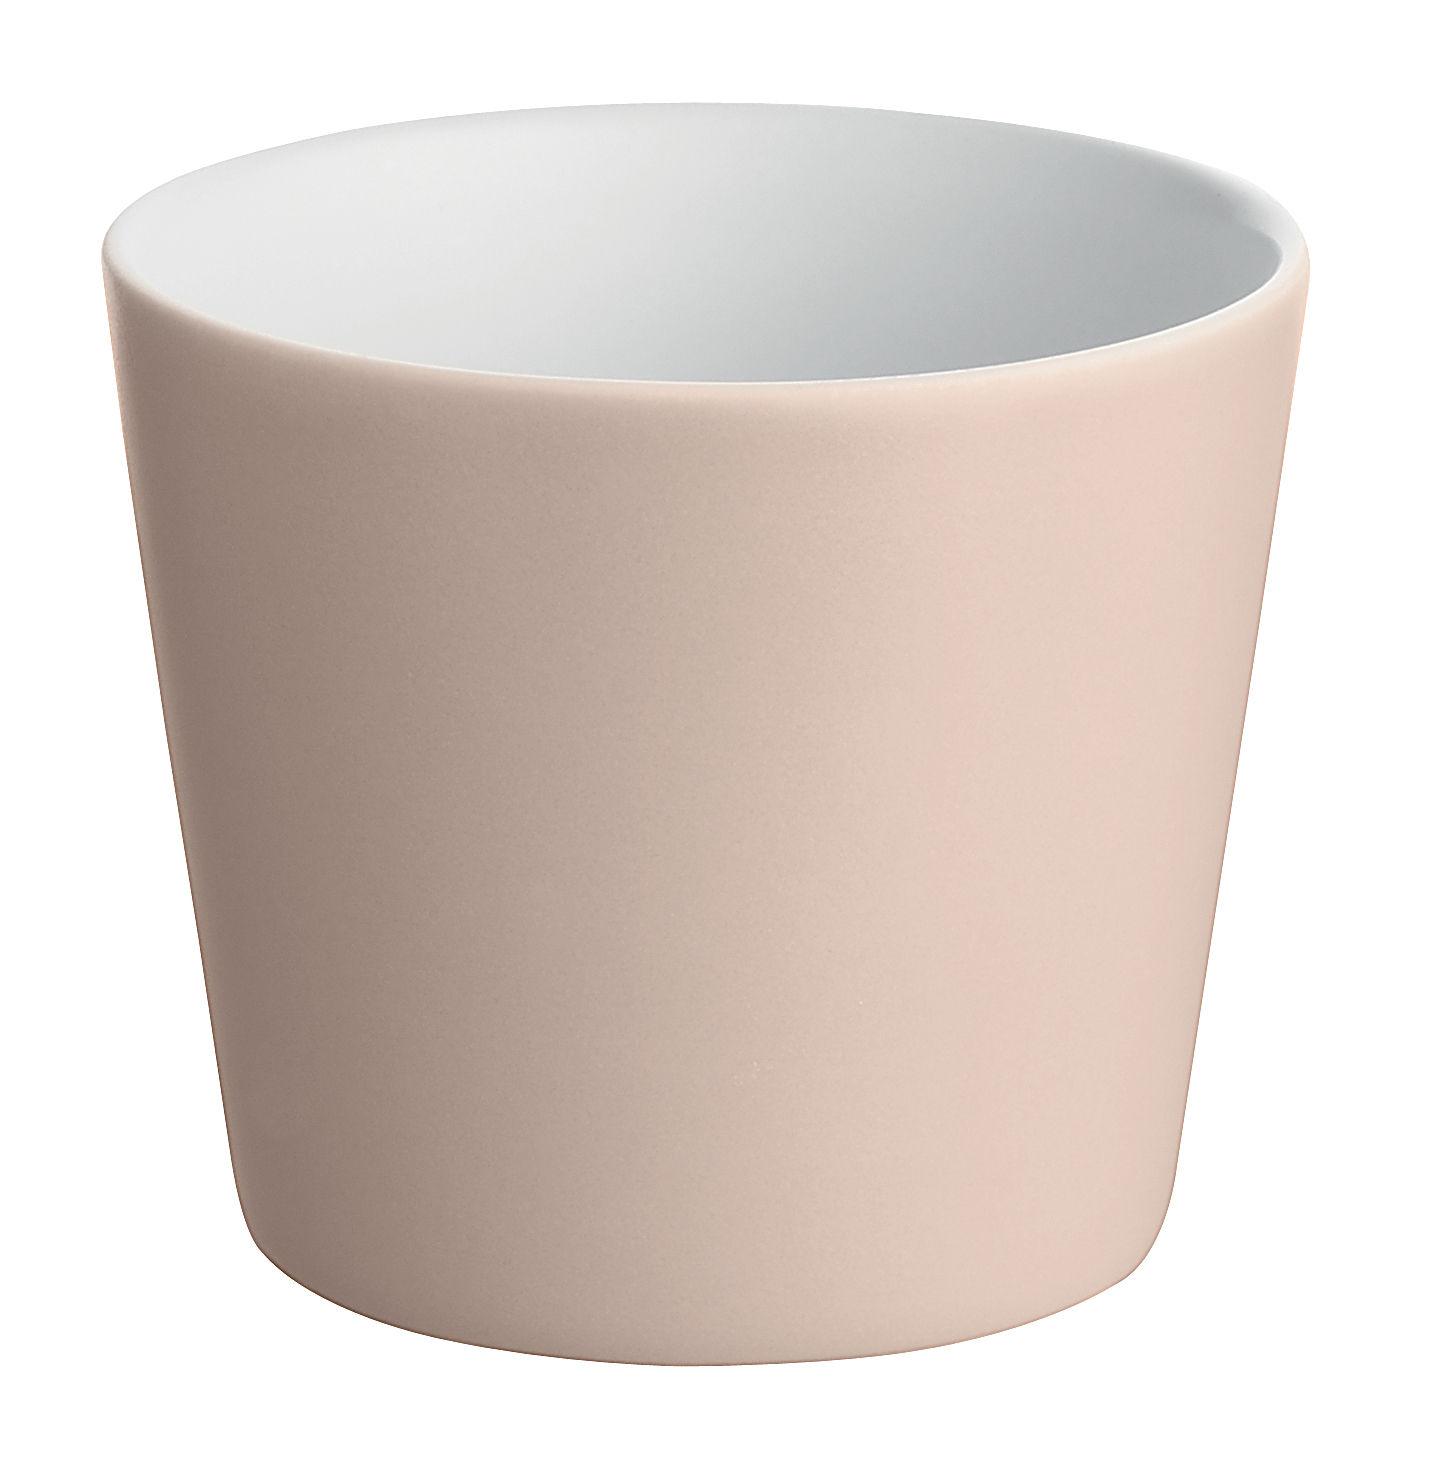 Tavola - Bicchieri  - Bicchiere/bicchierino Tonale di Alessi - Rosa tenue / interno bianco - Ceramica stoneware